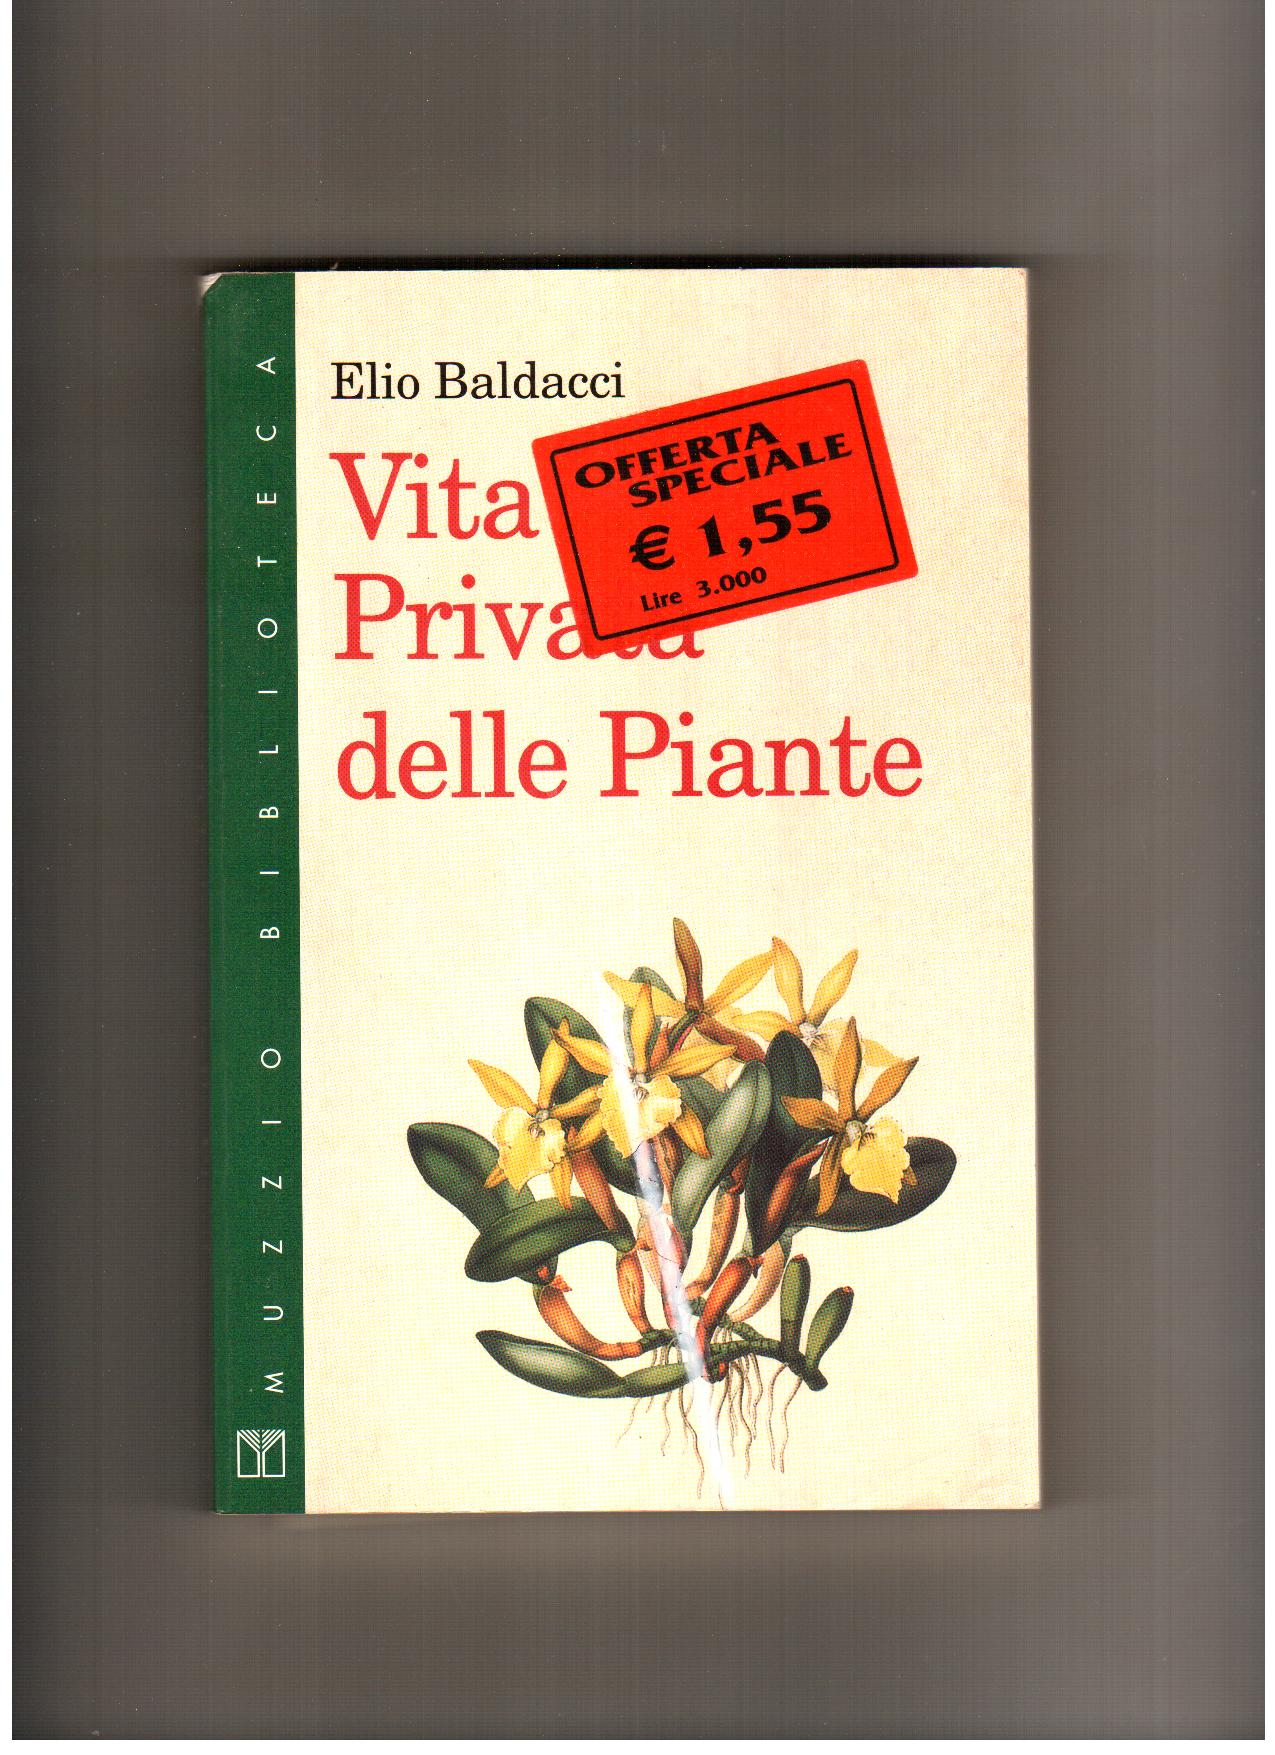 Vita privata delle piante